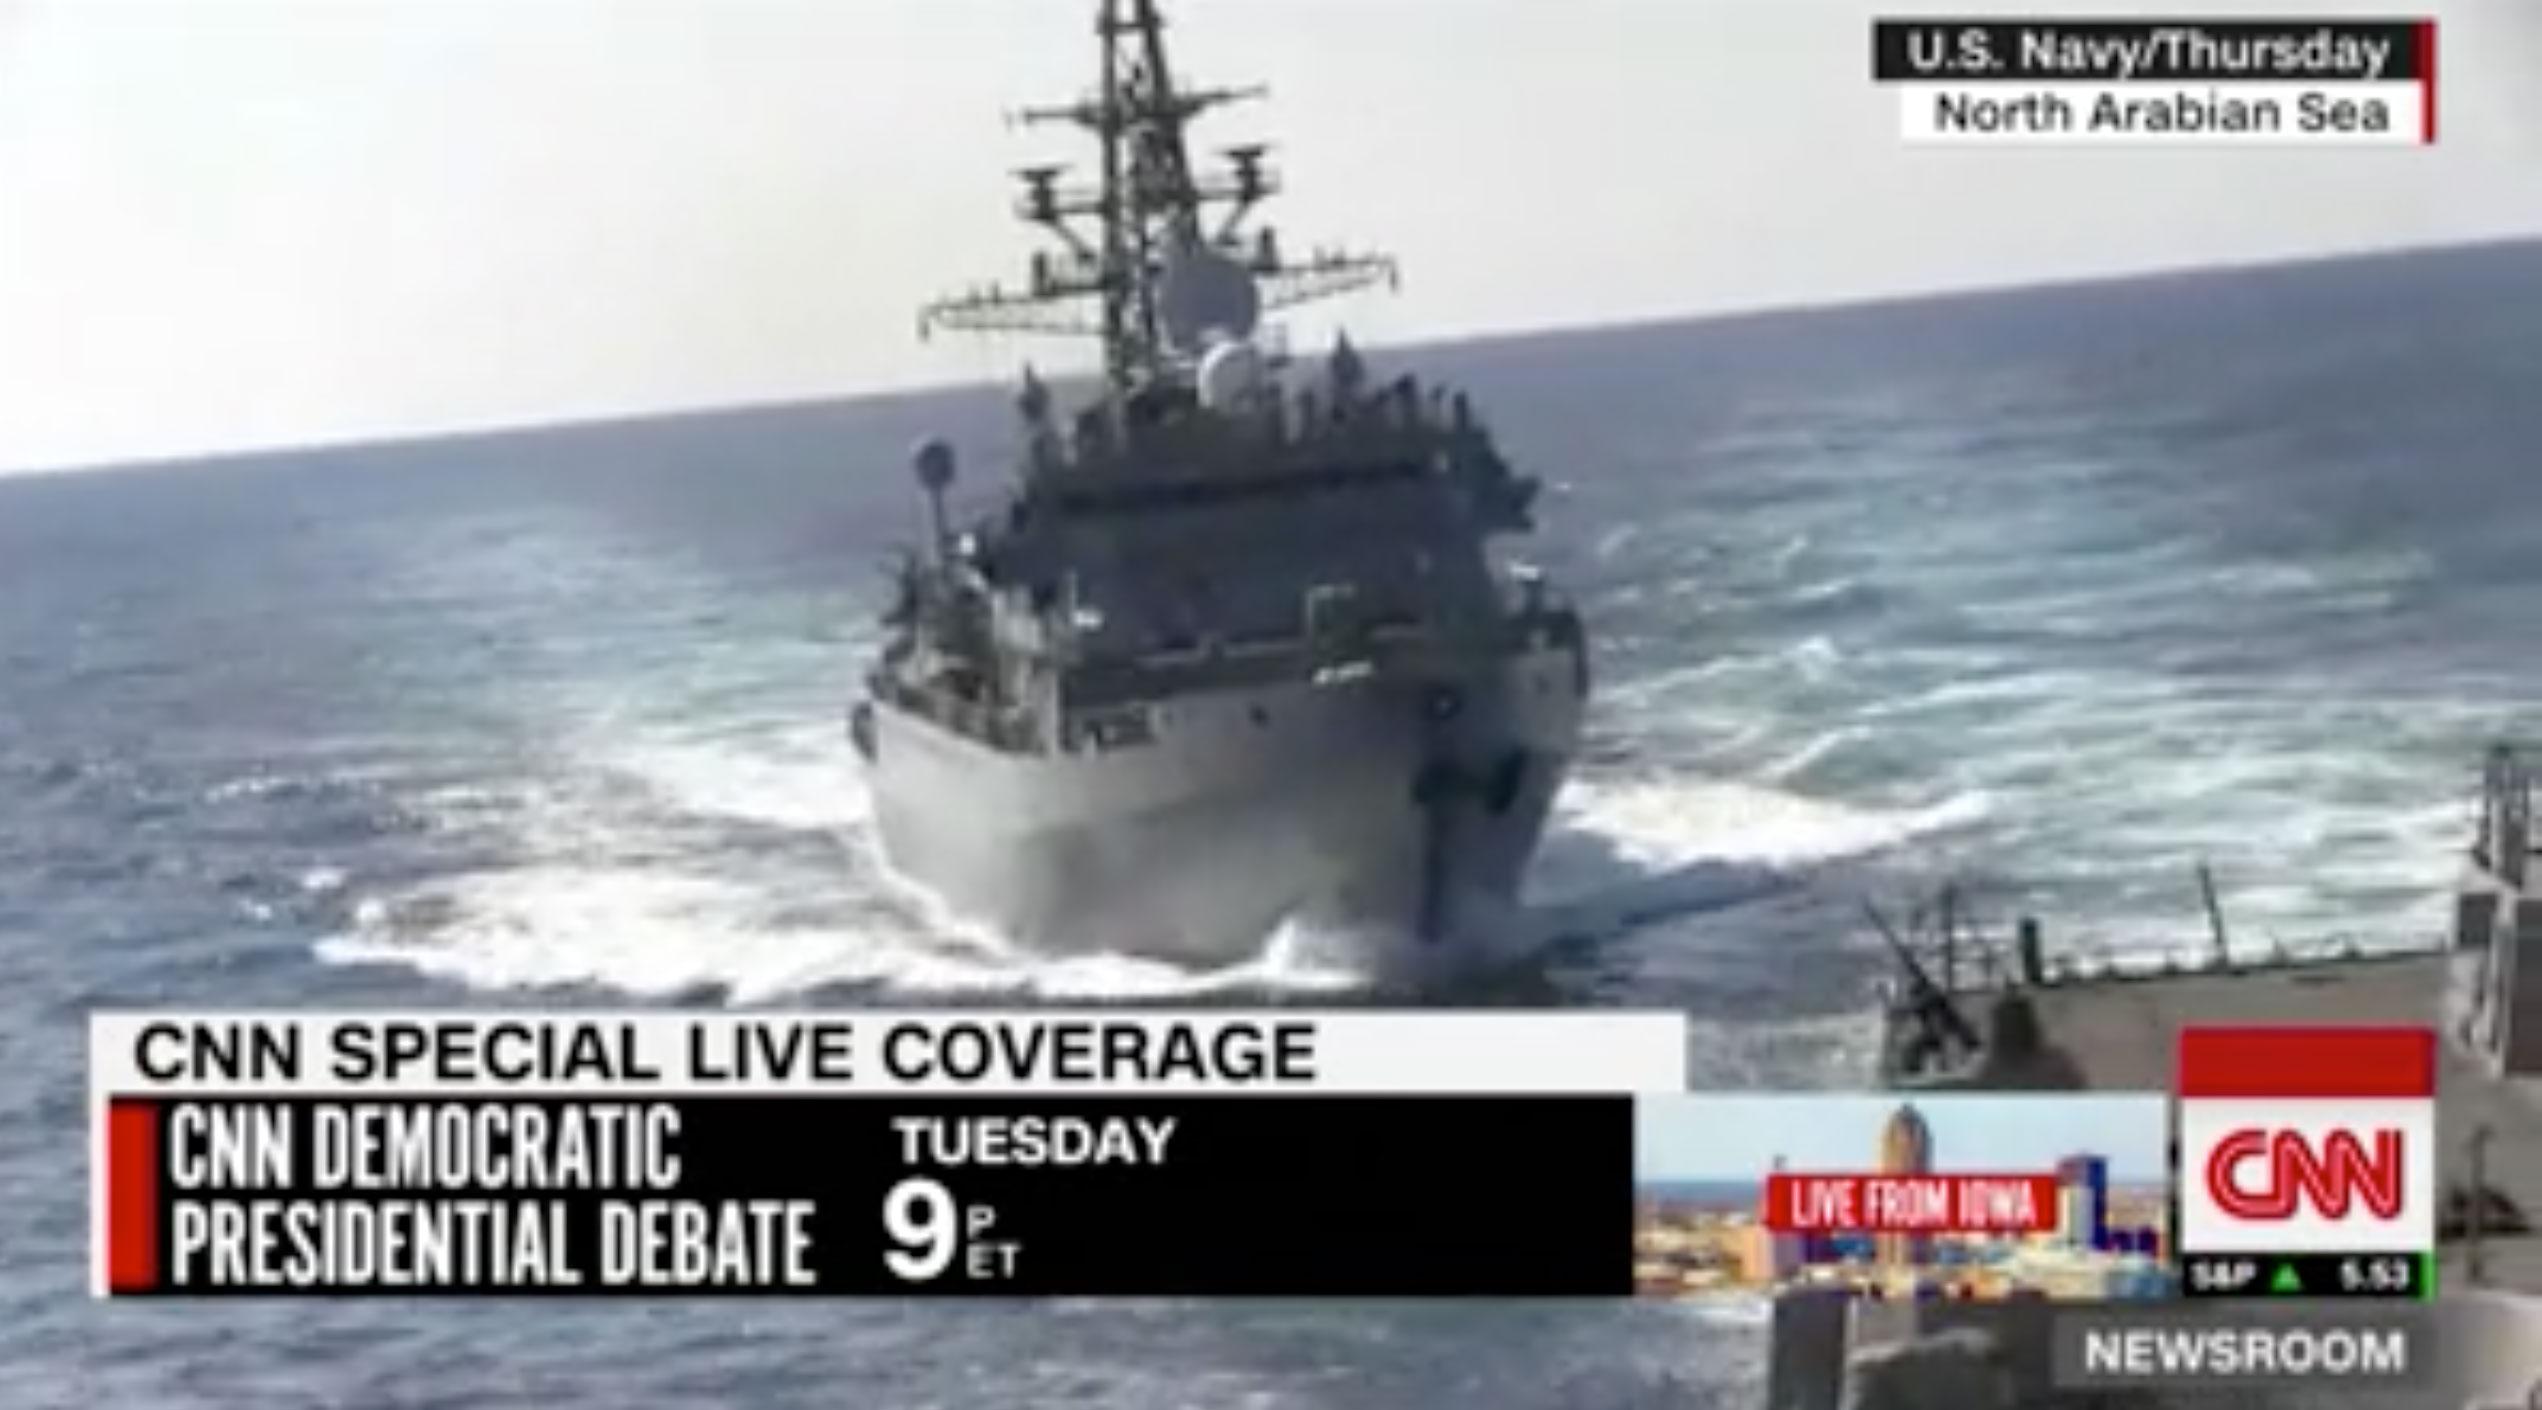 Θερμό επεισόδιο ΗΠΑ - Ρωσίας στην Αραβική Θάλασσα! Ρωσικό πολεμικό πλησίασε απειλητικά αμερικανικό! Video